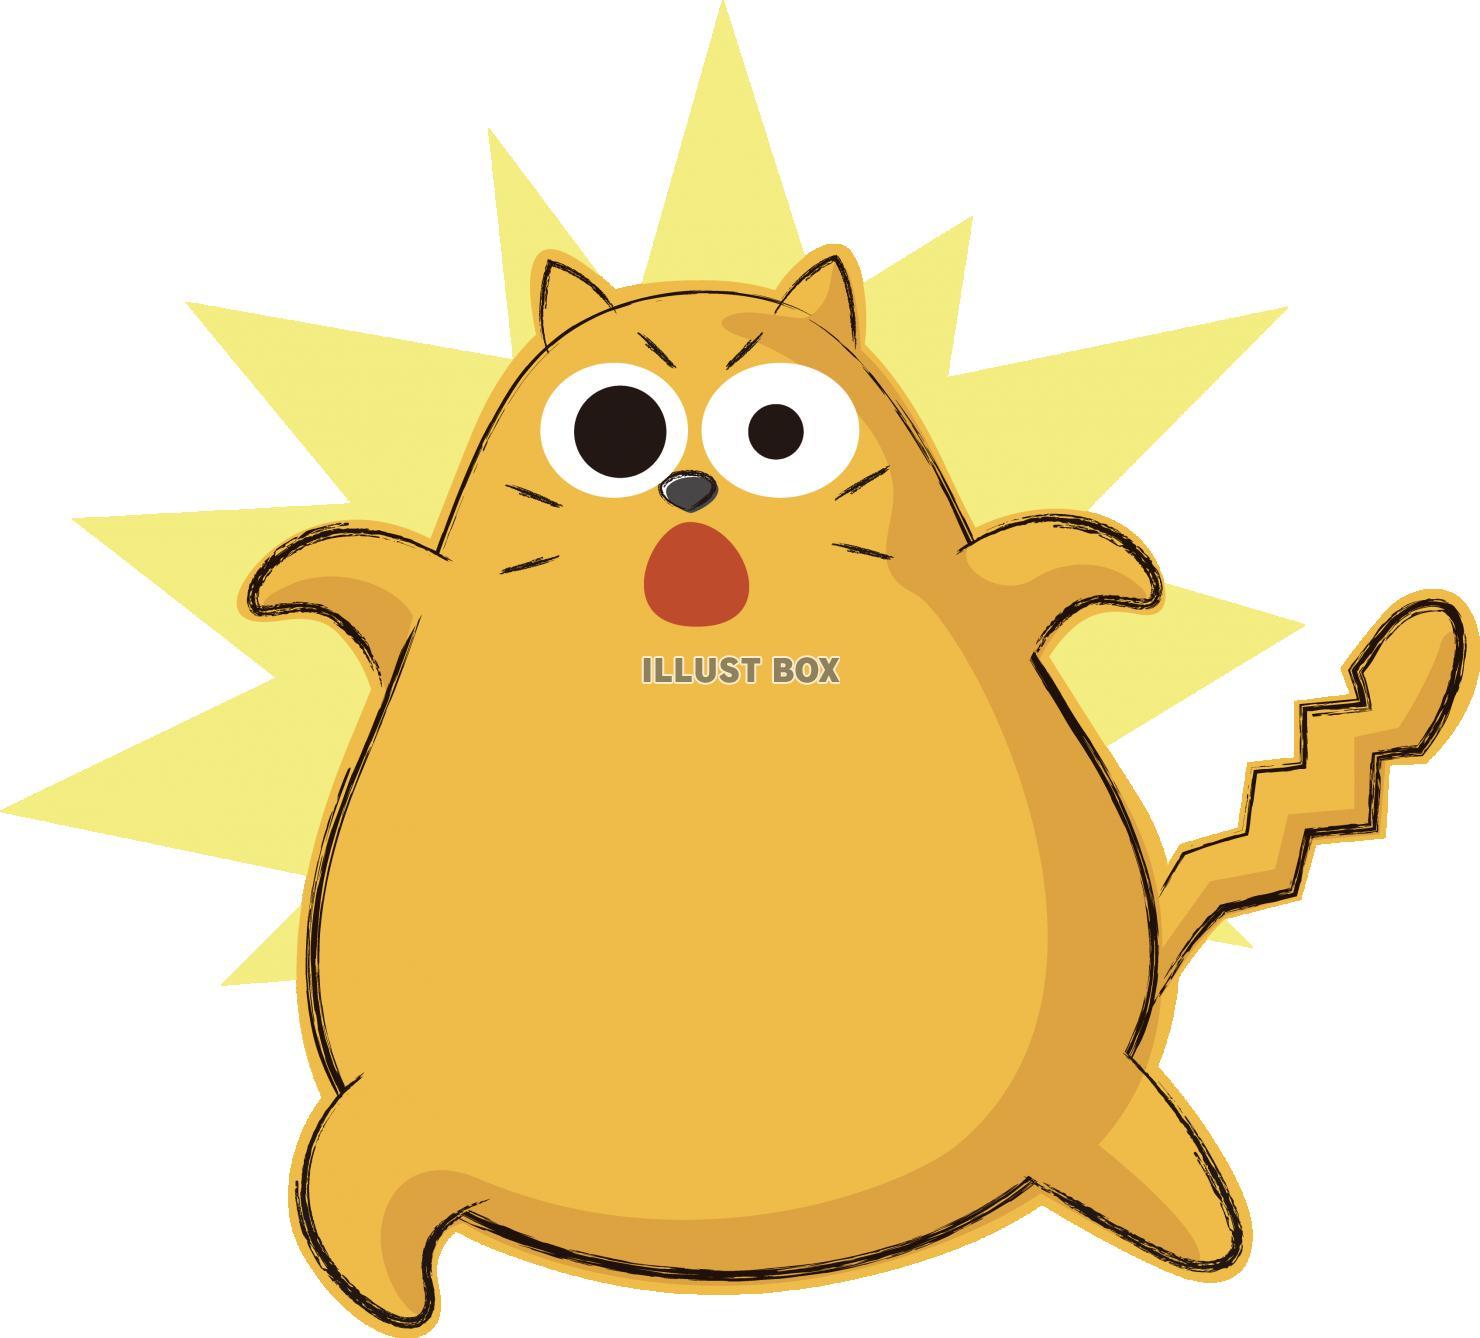 無料イラスト 可愛いネコ キャラクター ビックリ